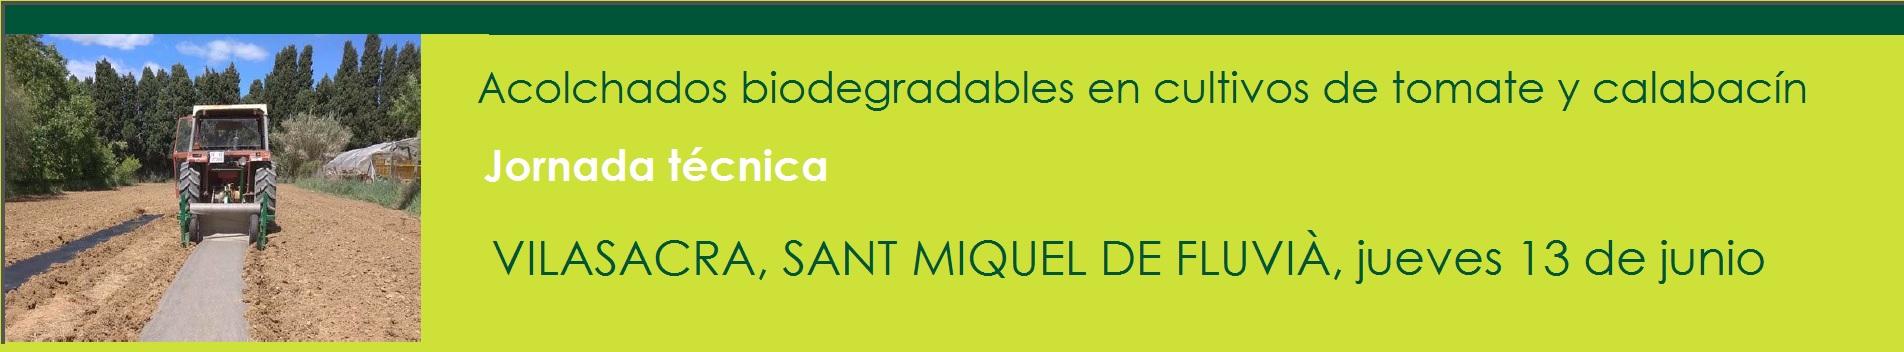 Jornada técnica aplicación de acolchado biodegradable en cultivo